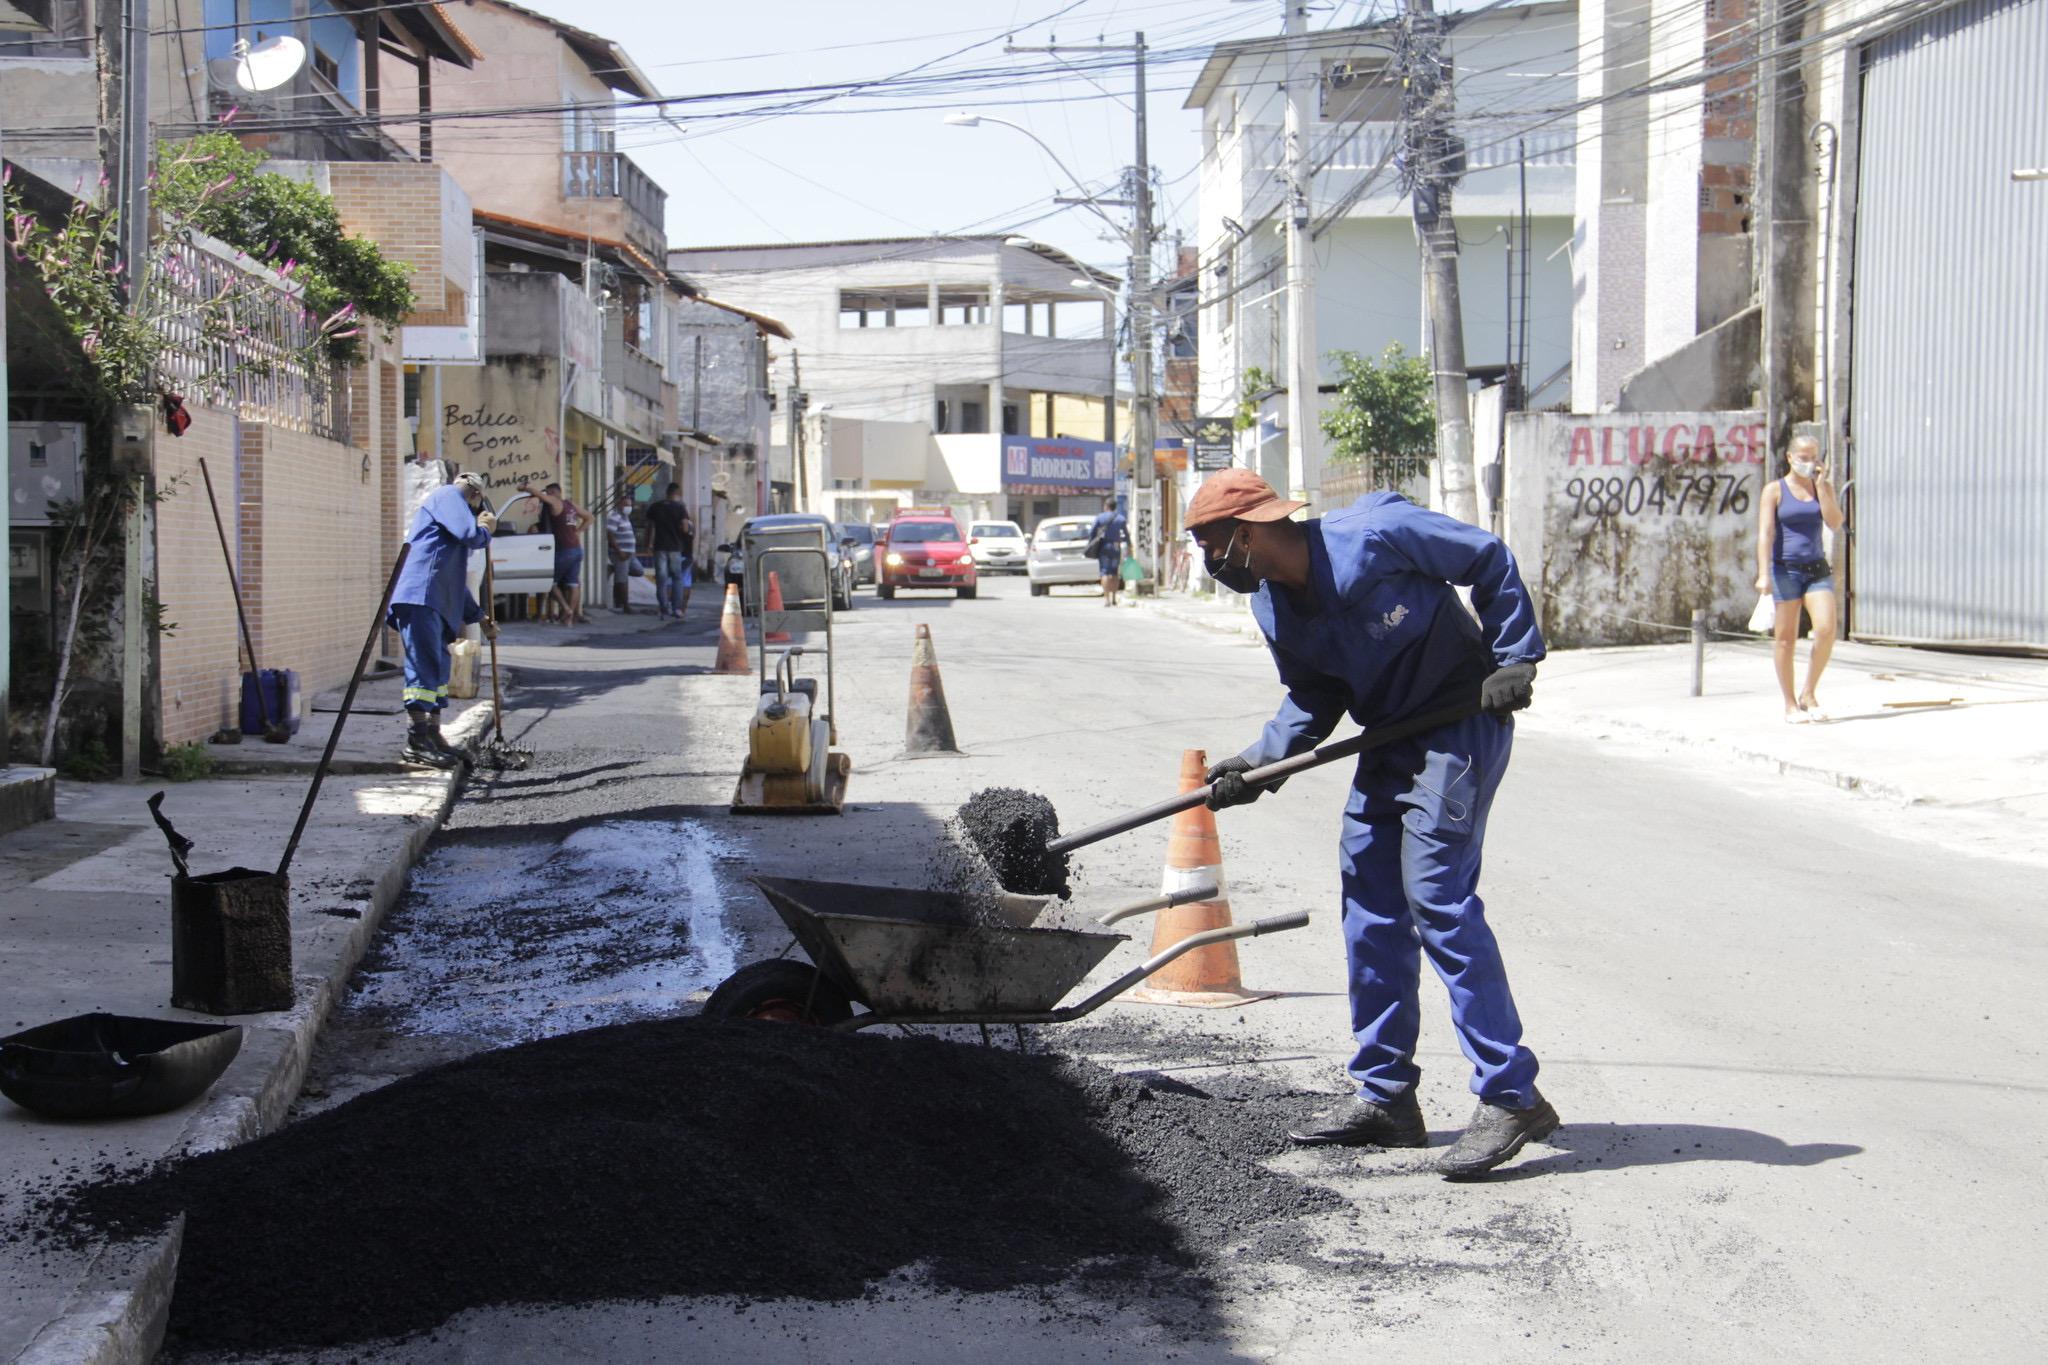 Prefeitura intensificou, neste sábado, ações de tapa buracos e limpeza pública no bairro de Portão